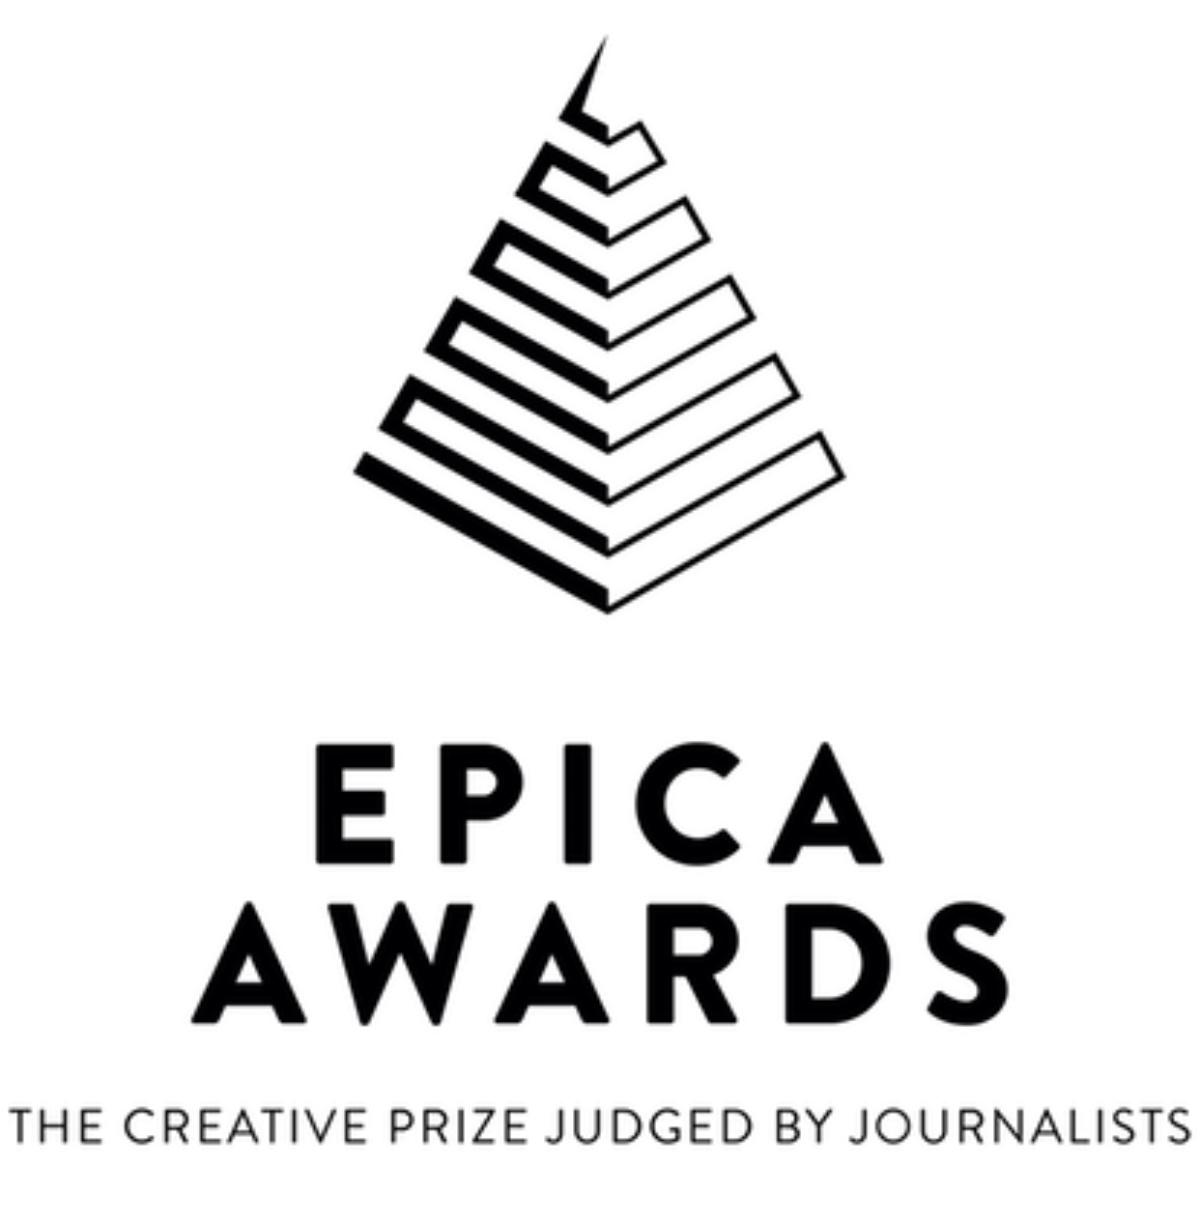 epica awards white